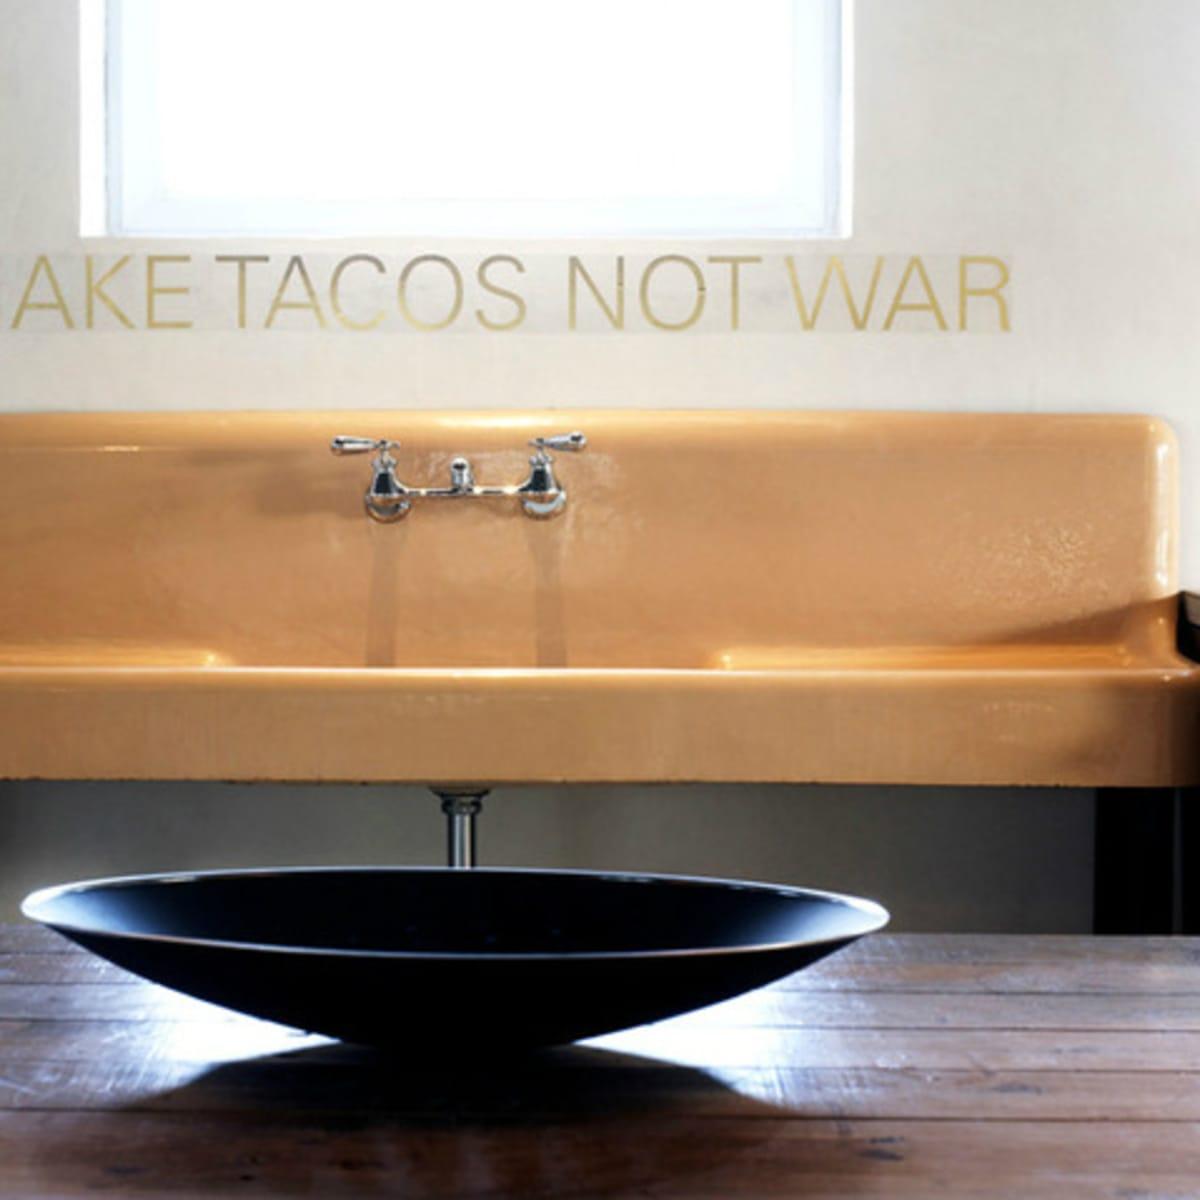 Houzz Texas style make tacos not war